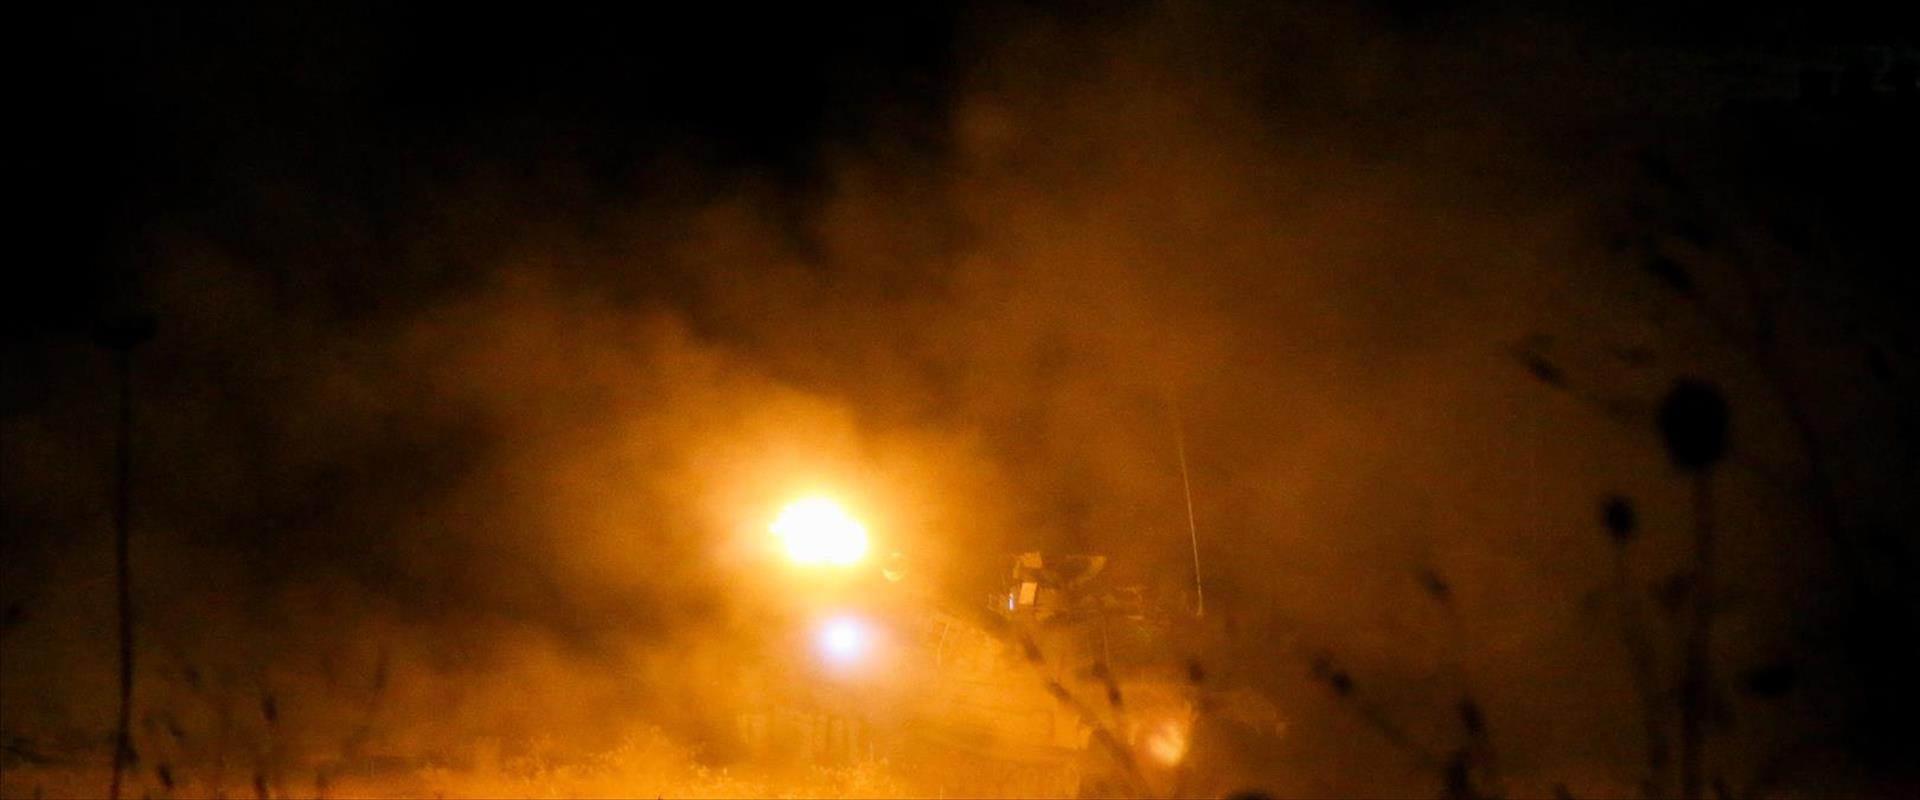 שיגור פצצות התאורה בגבול הצפון, שלשום